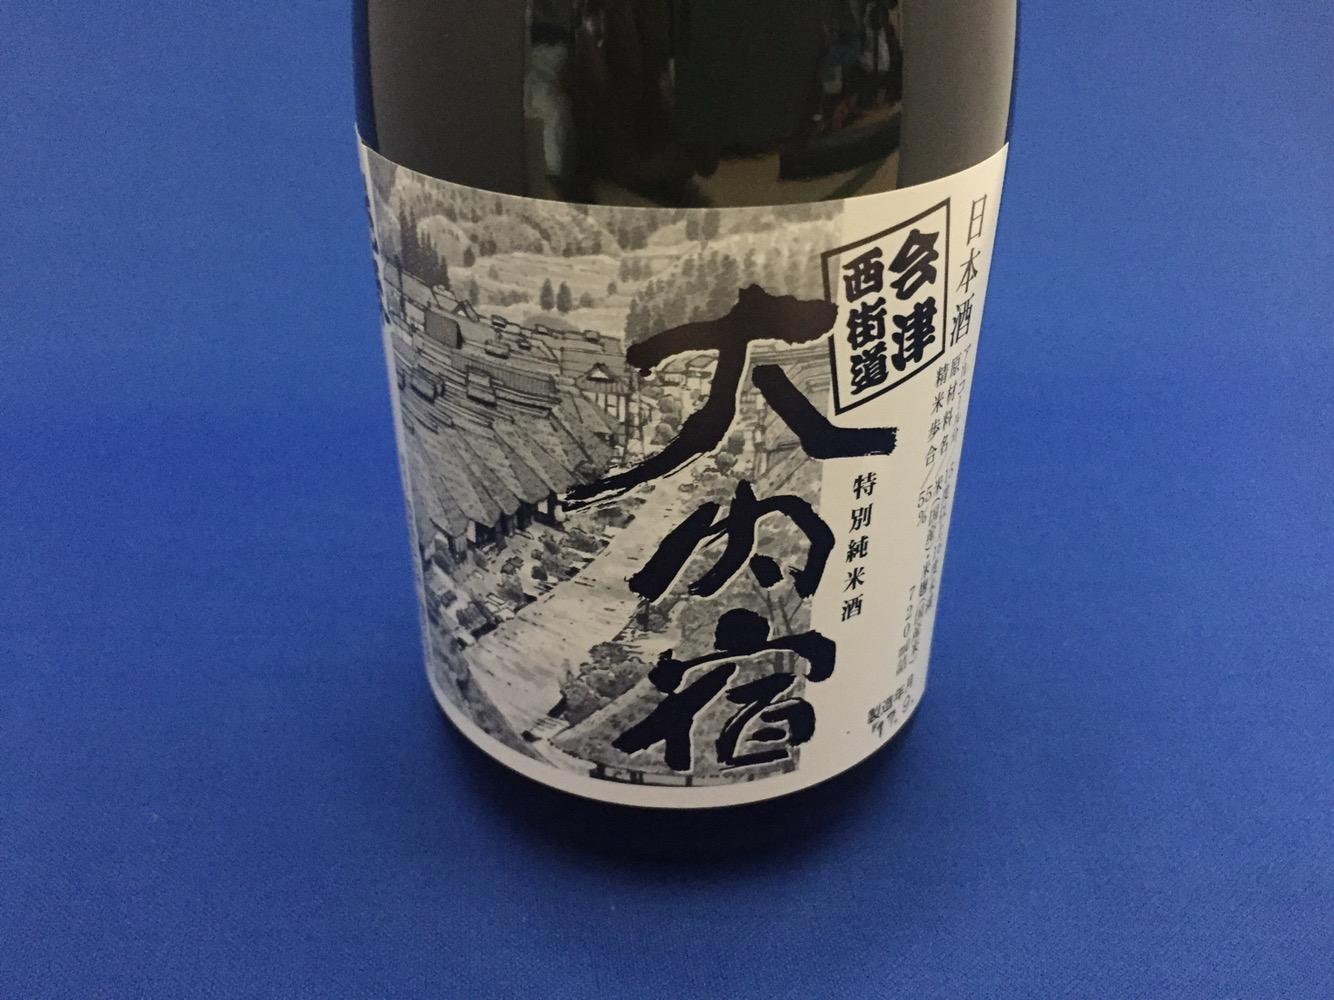 大内宿の茅葺屋根と江戸の賑わいに思いを馳せて、<br>会津の地酒「花春 大内宿」